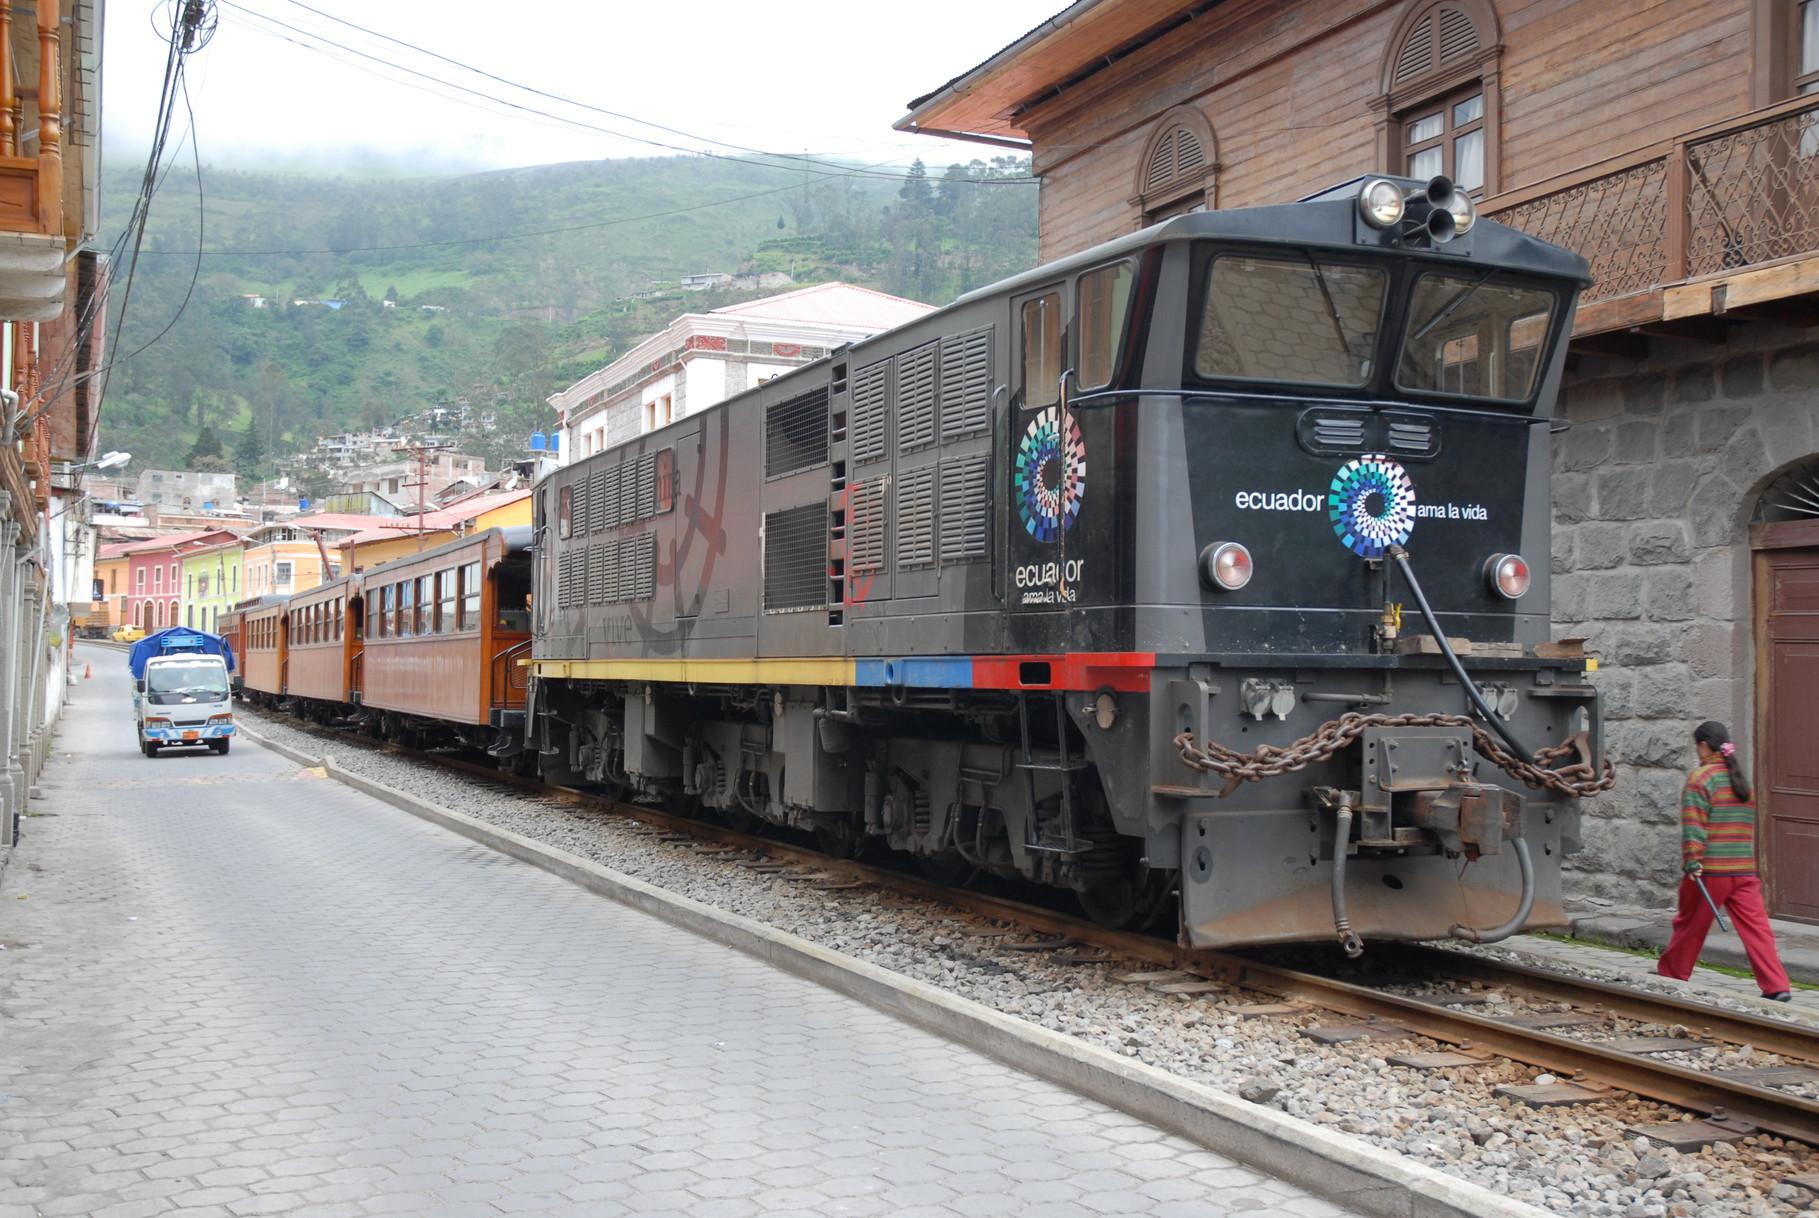 Es fährt ein Zug nach Nirgendwo ... bzw. zum Nariz del Diablo